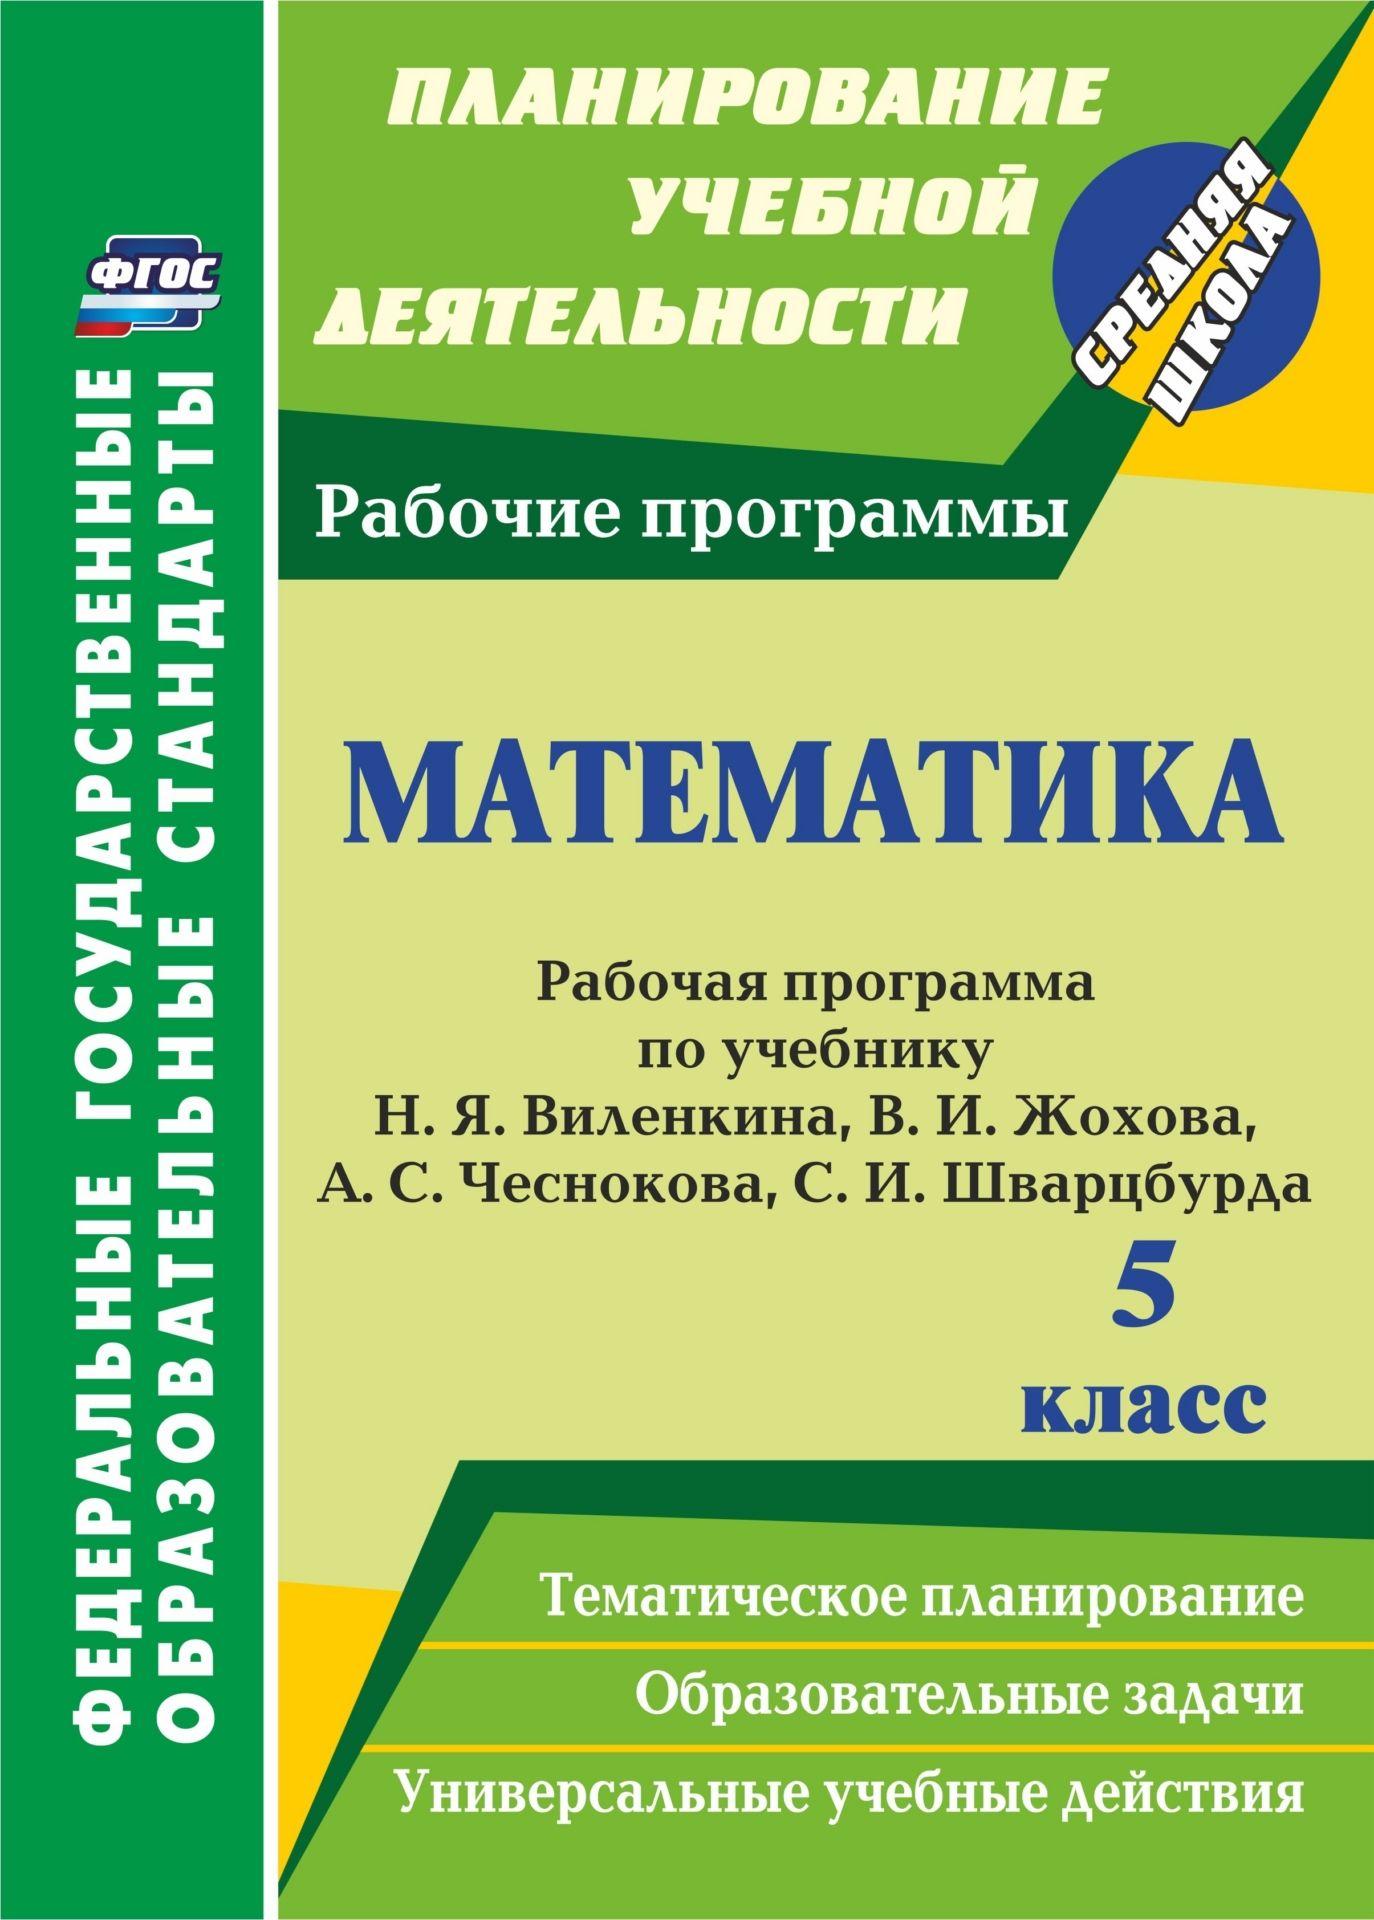 Математика. 5 класс: рабочая программа по учебнику Н. Я. Виленкина, В. И. Жохова, А. С. Чеснокова, С. И. Шварцбурда